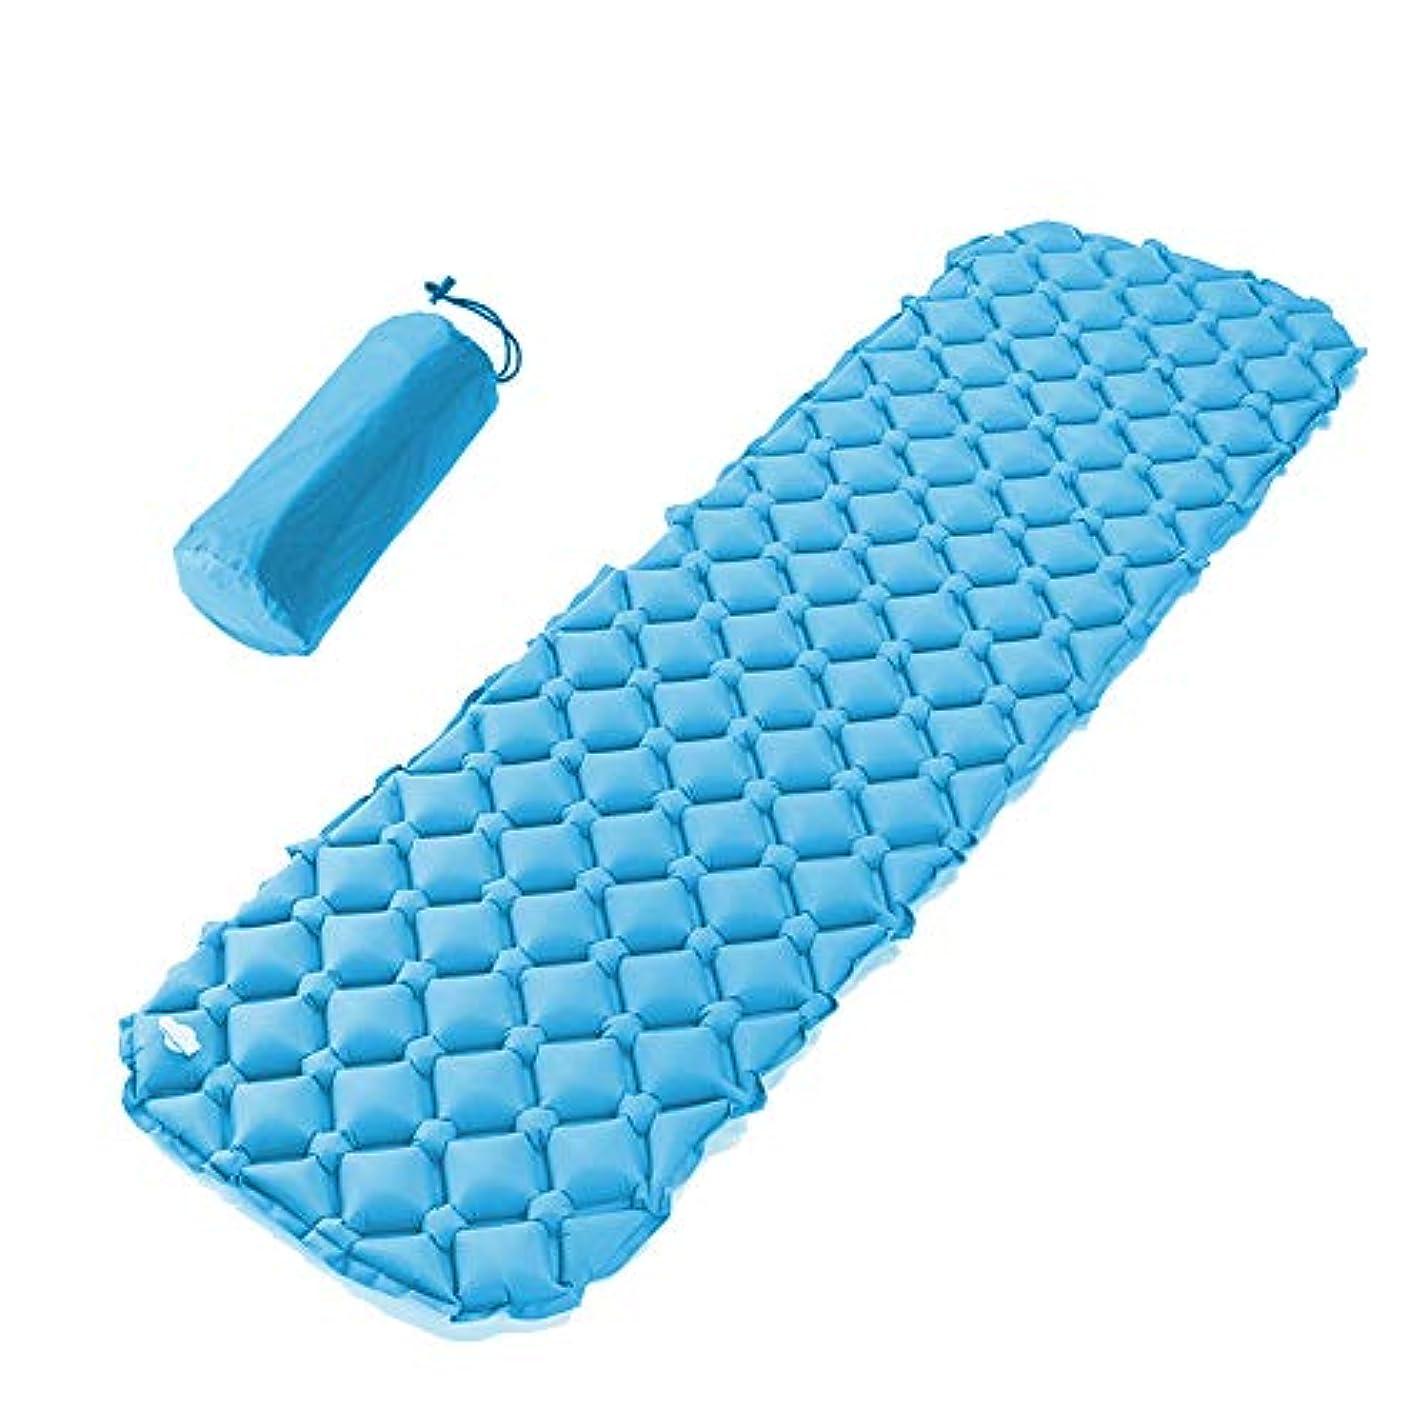 トーナメント干渉奨学金キャンプ用スリーピングマット、軽量でインフレータブル、コンパクトなウォーキングエアマットレス(ブルー)